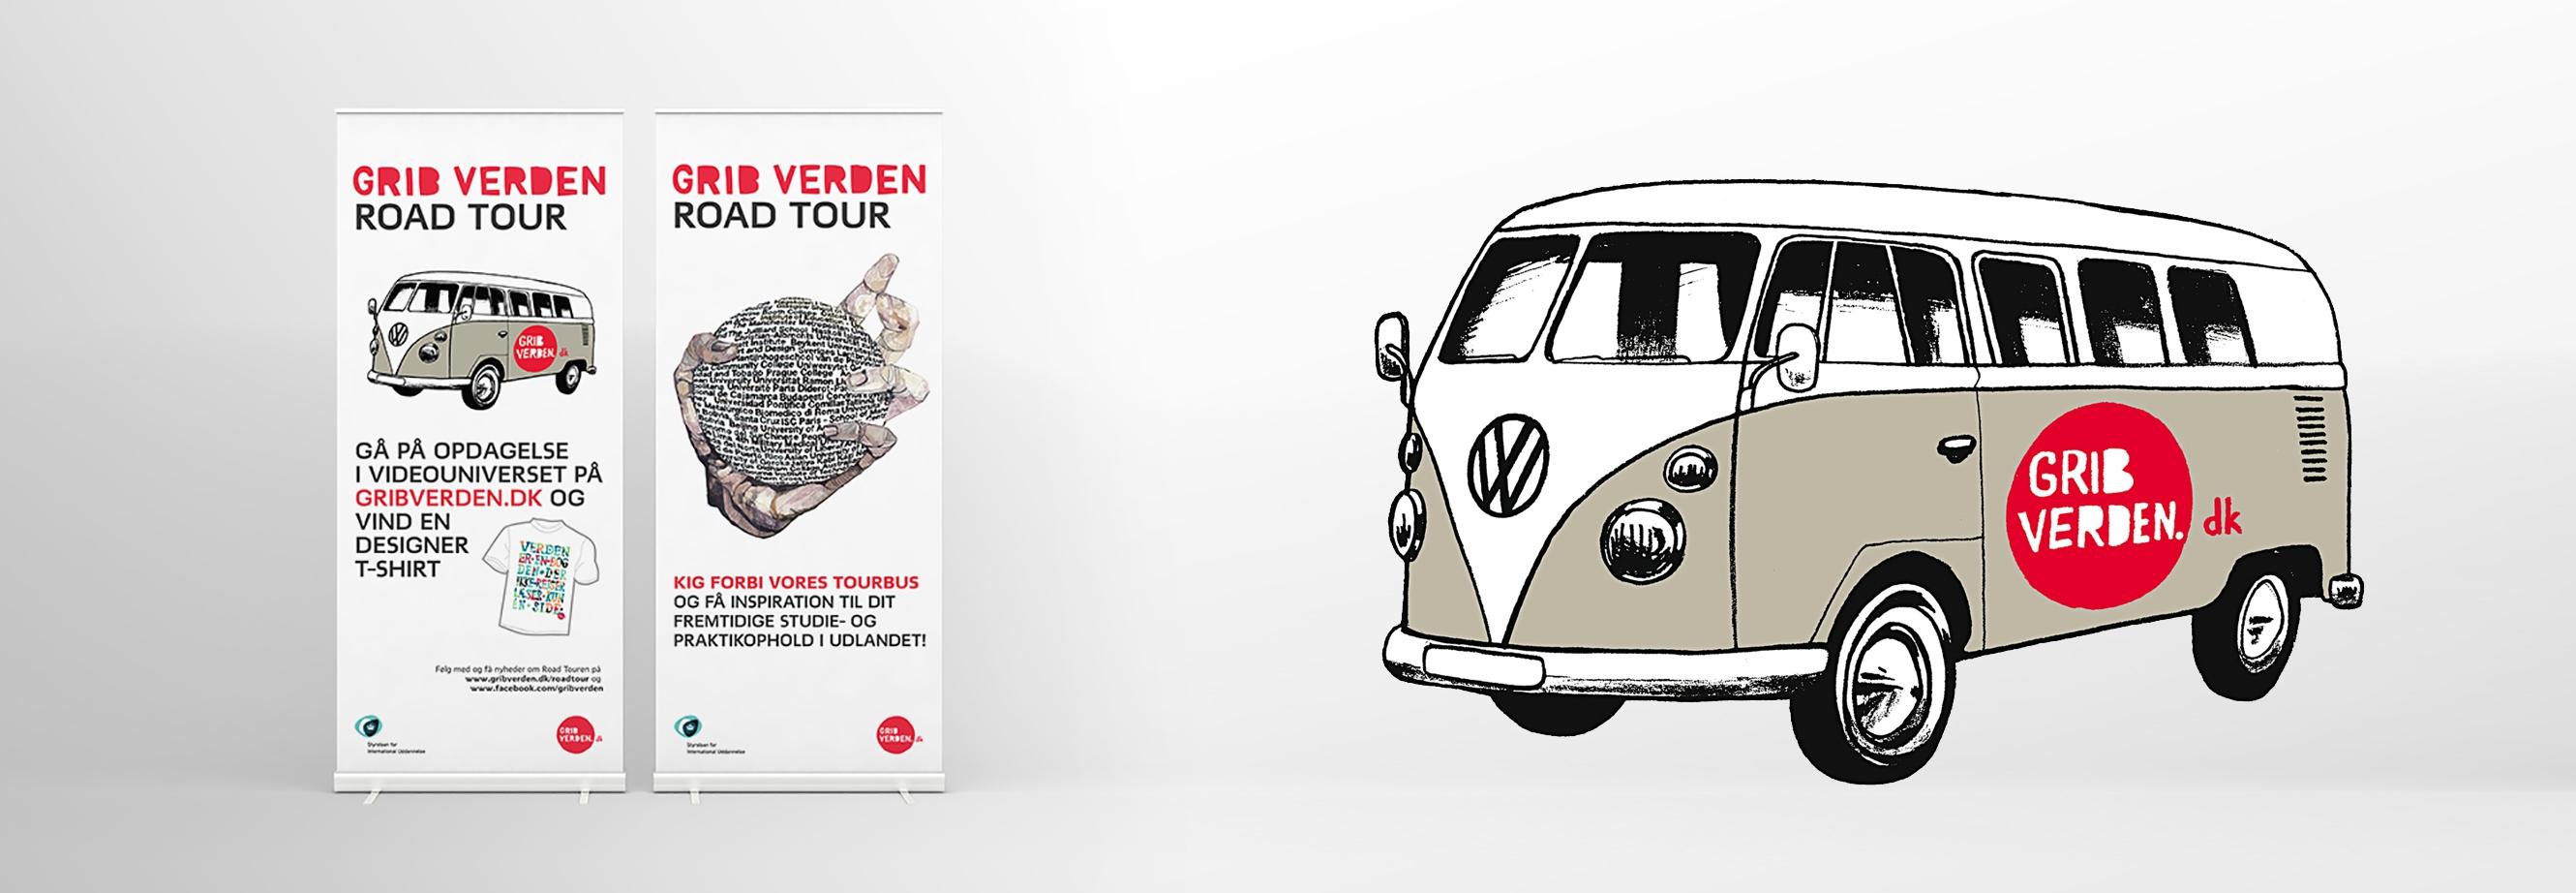 Kampagnedesign for Grib Verden